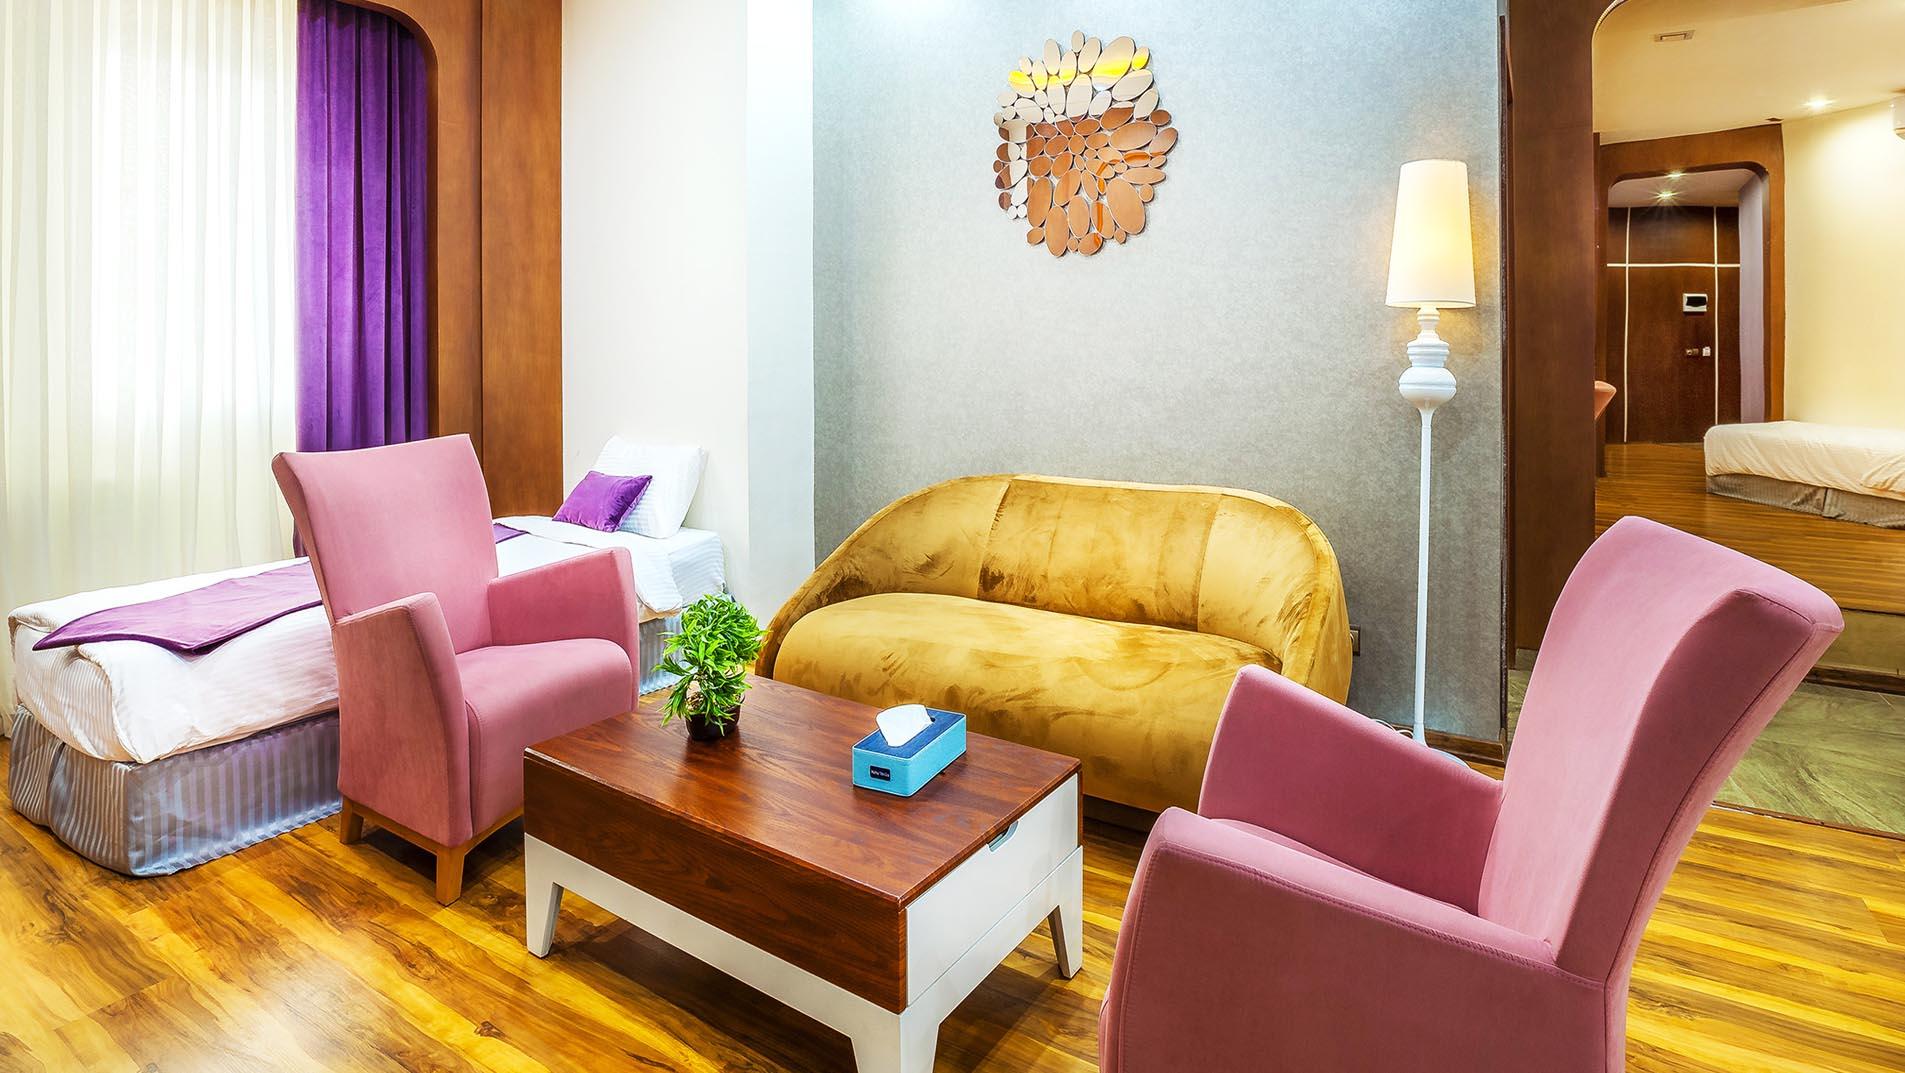 هتل های اردبیل ، معرفی ۱۲ هتل برتر شهر اردبیل